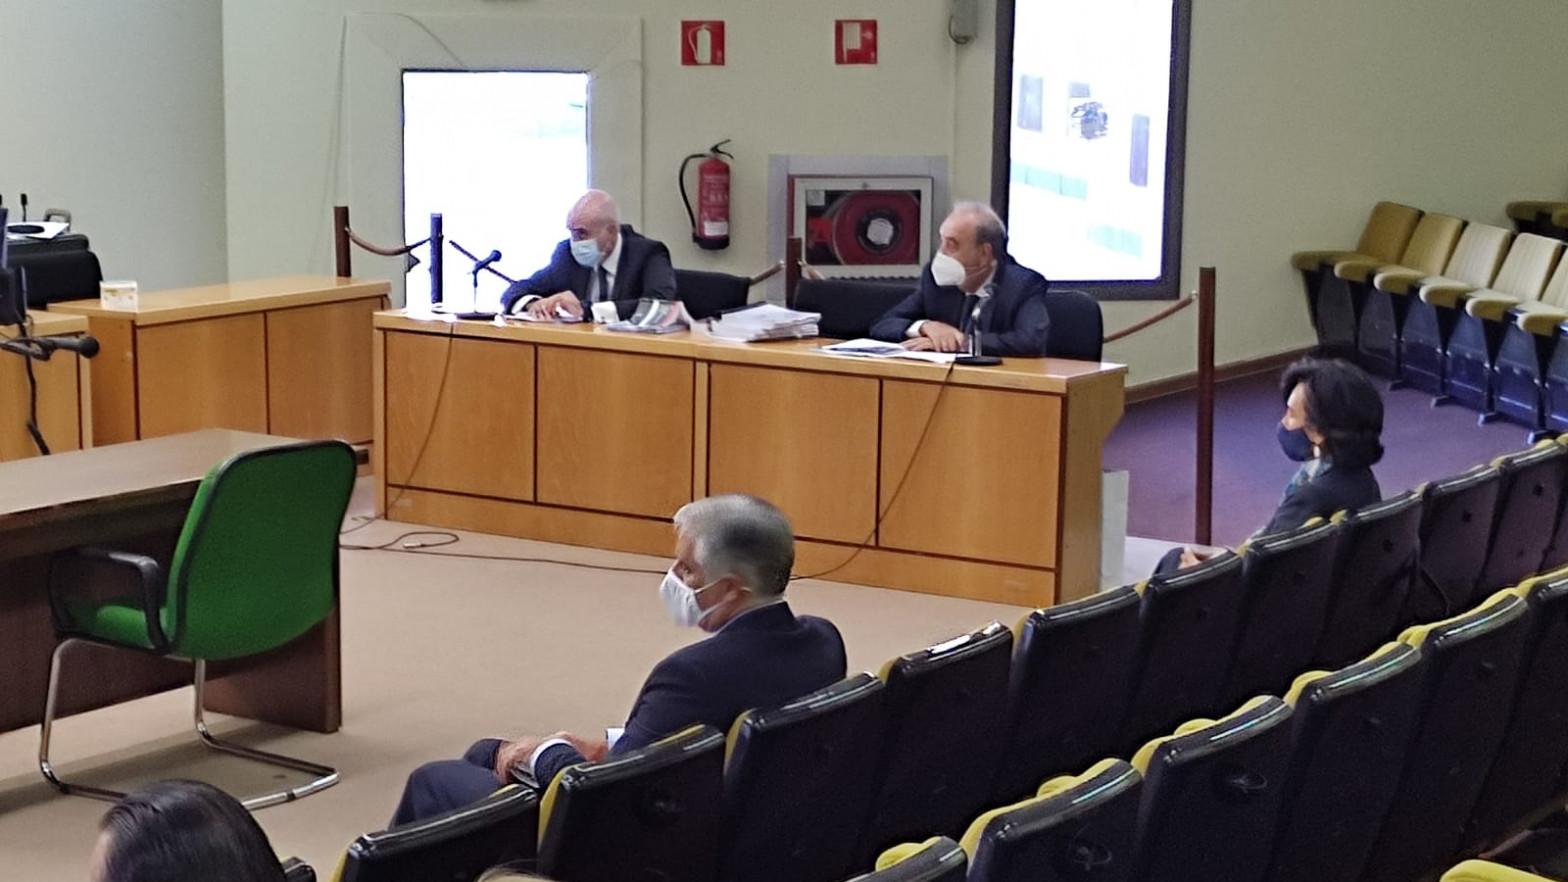 La reanudación del juicio del 'caso Orcel', en duda por los reparos de Santander a la declaración de UBS